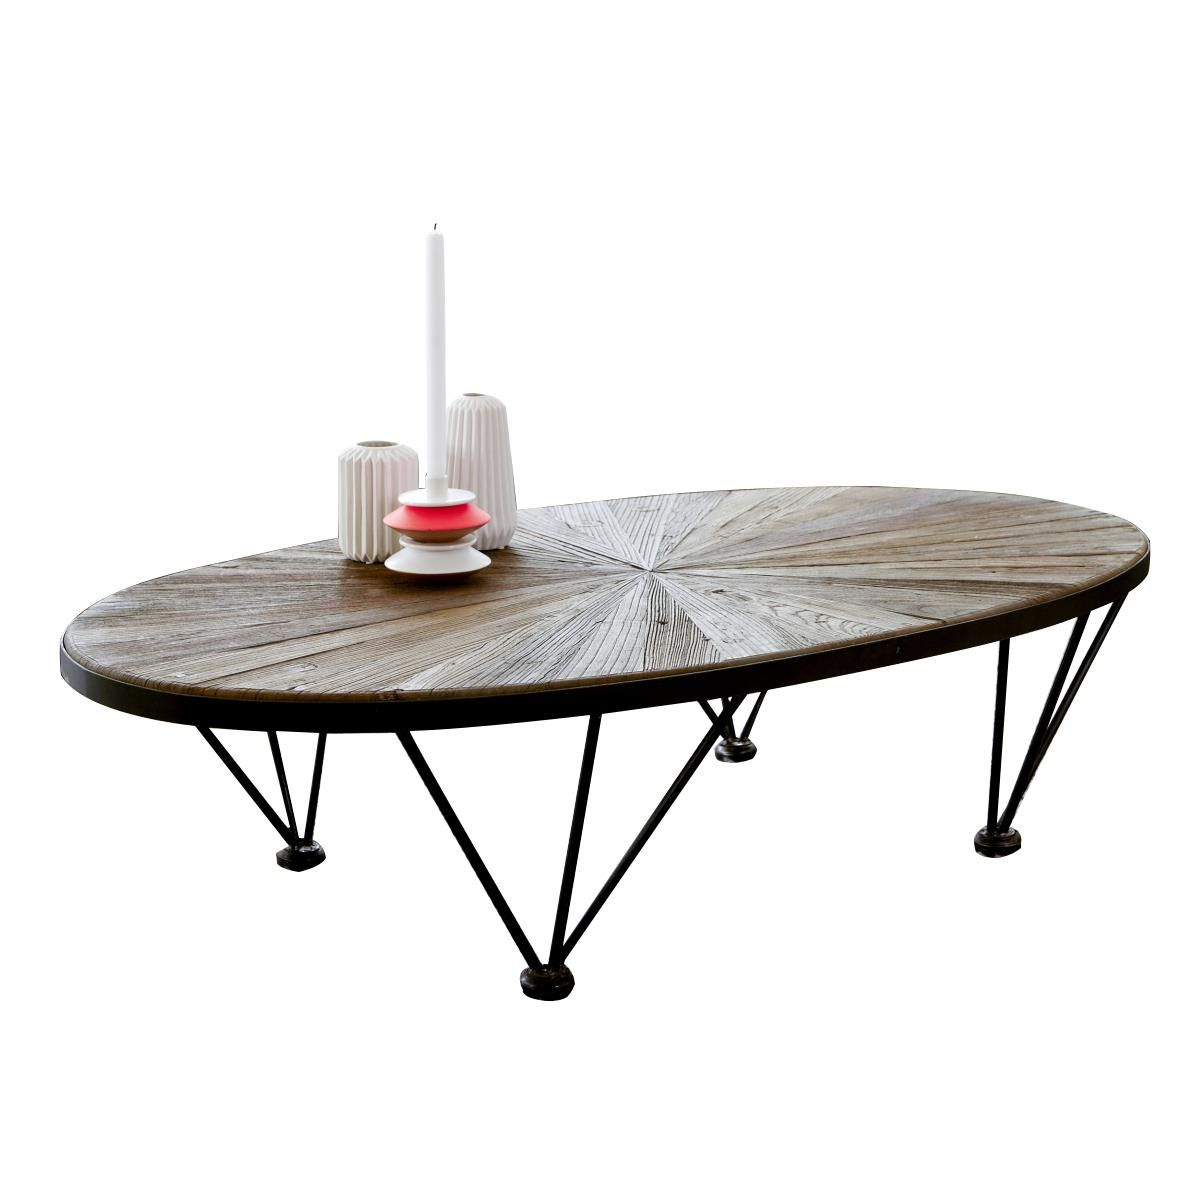 Et Orme Métal 140x80 En Basse LancelotHome Table tQrBsCohxd